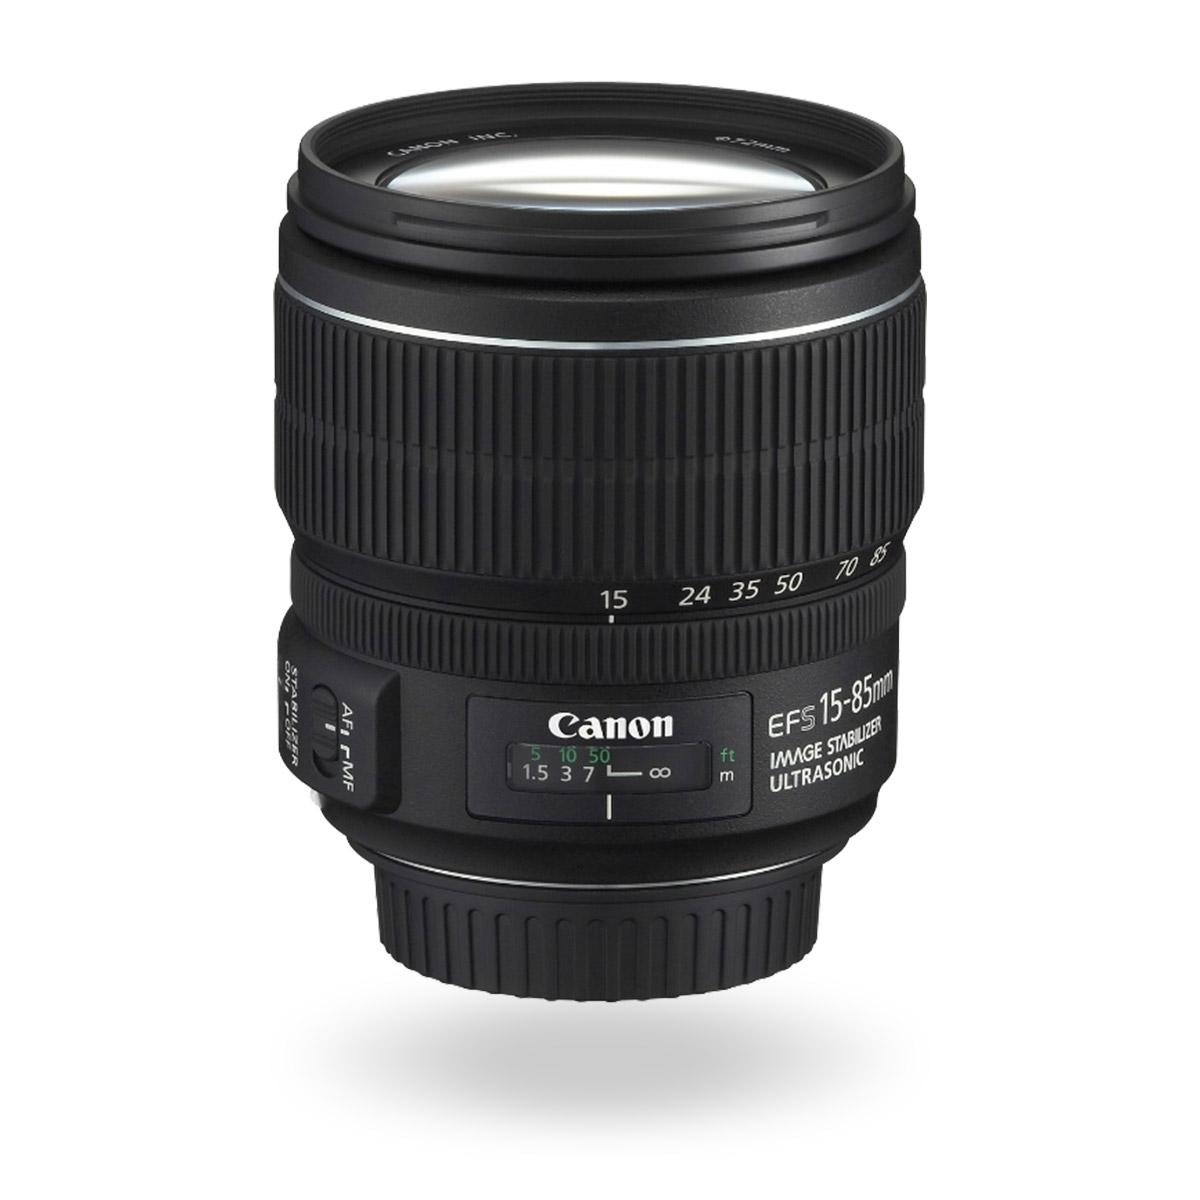 EF-S 15-85mm f/3.5-5.6 IS USM lens